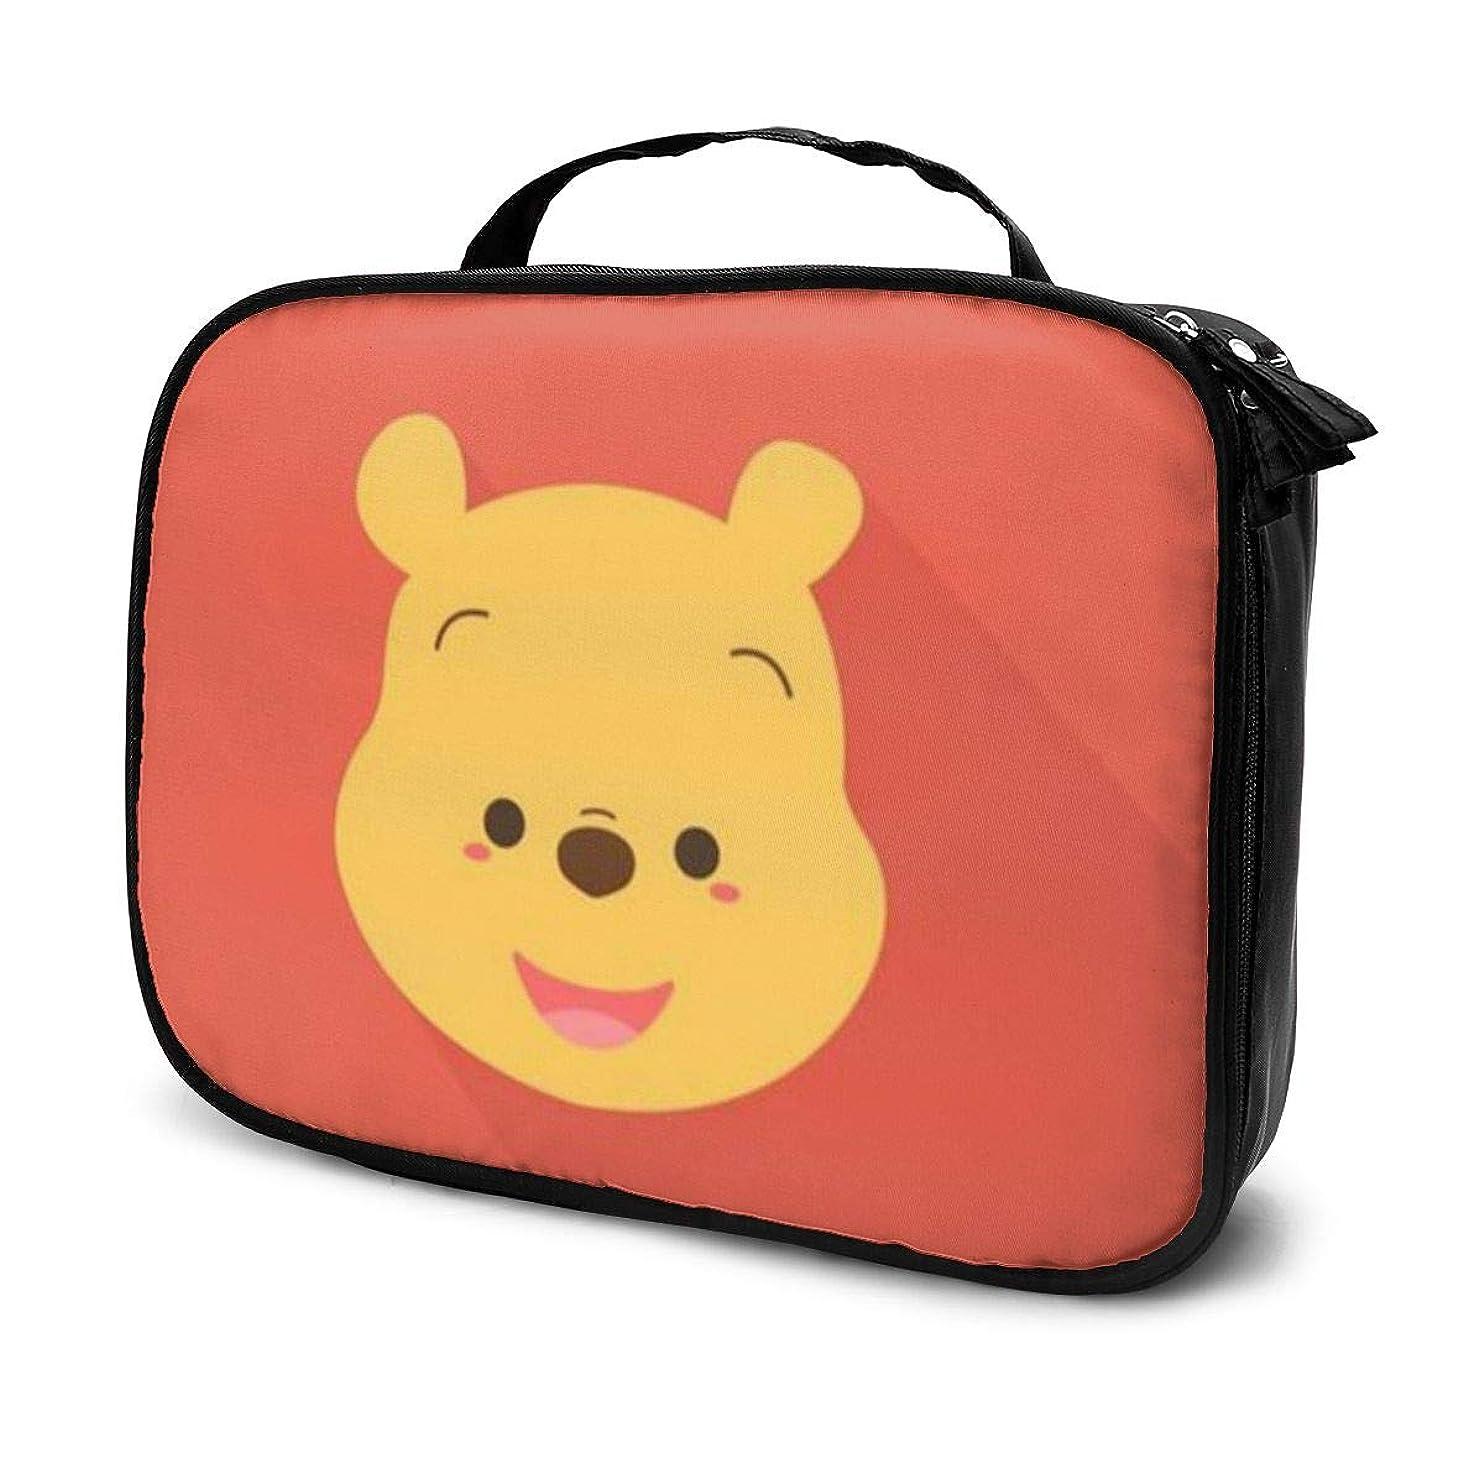 礼拝びっくりした最少Daituウィニー 化粧品袋の女性旅行バッグ収納大容量防水アクセサリー旅行